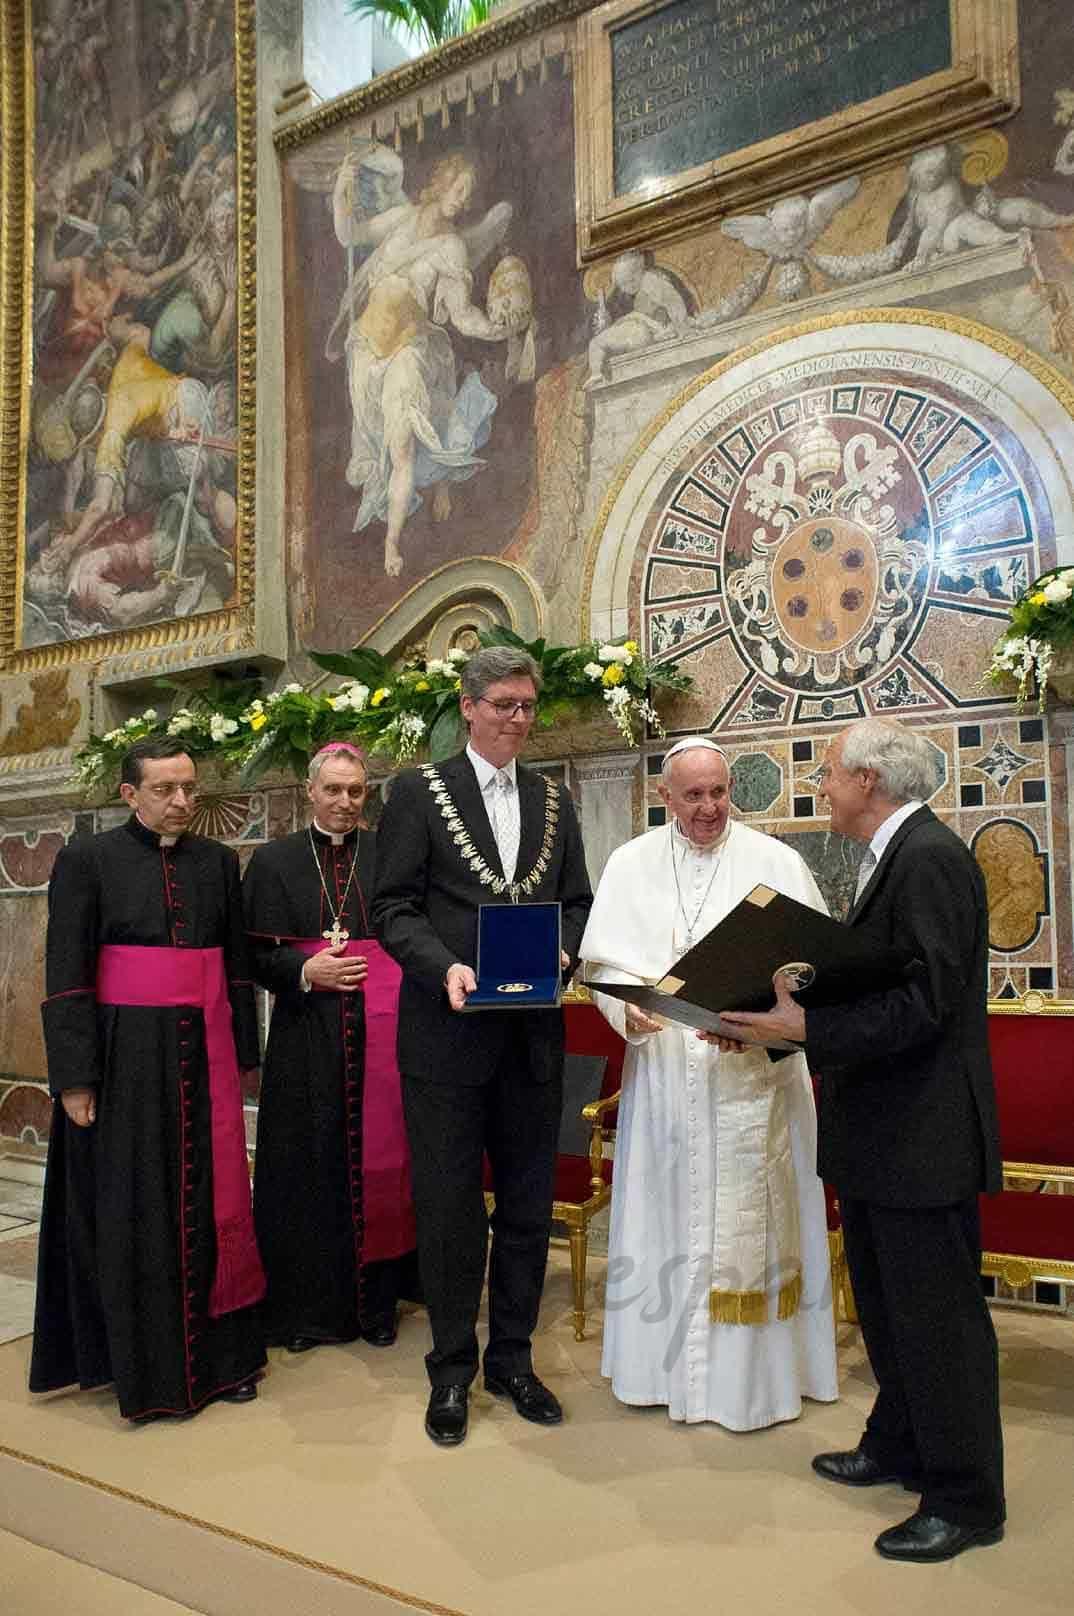 marcel-philipp-juergen-linden entregan el premio carlomagno al papa francisco